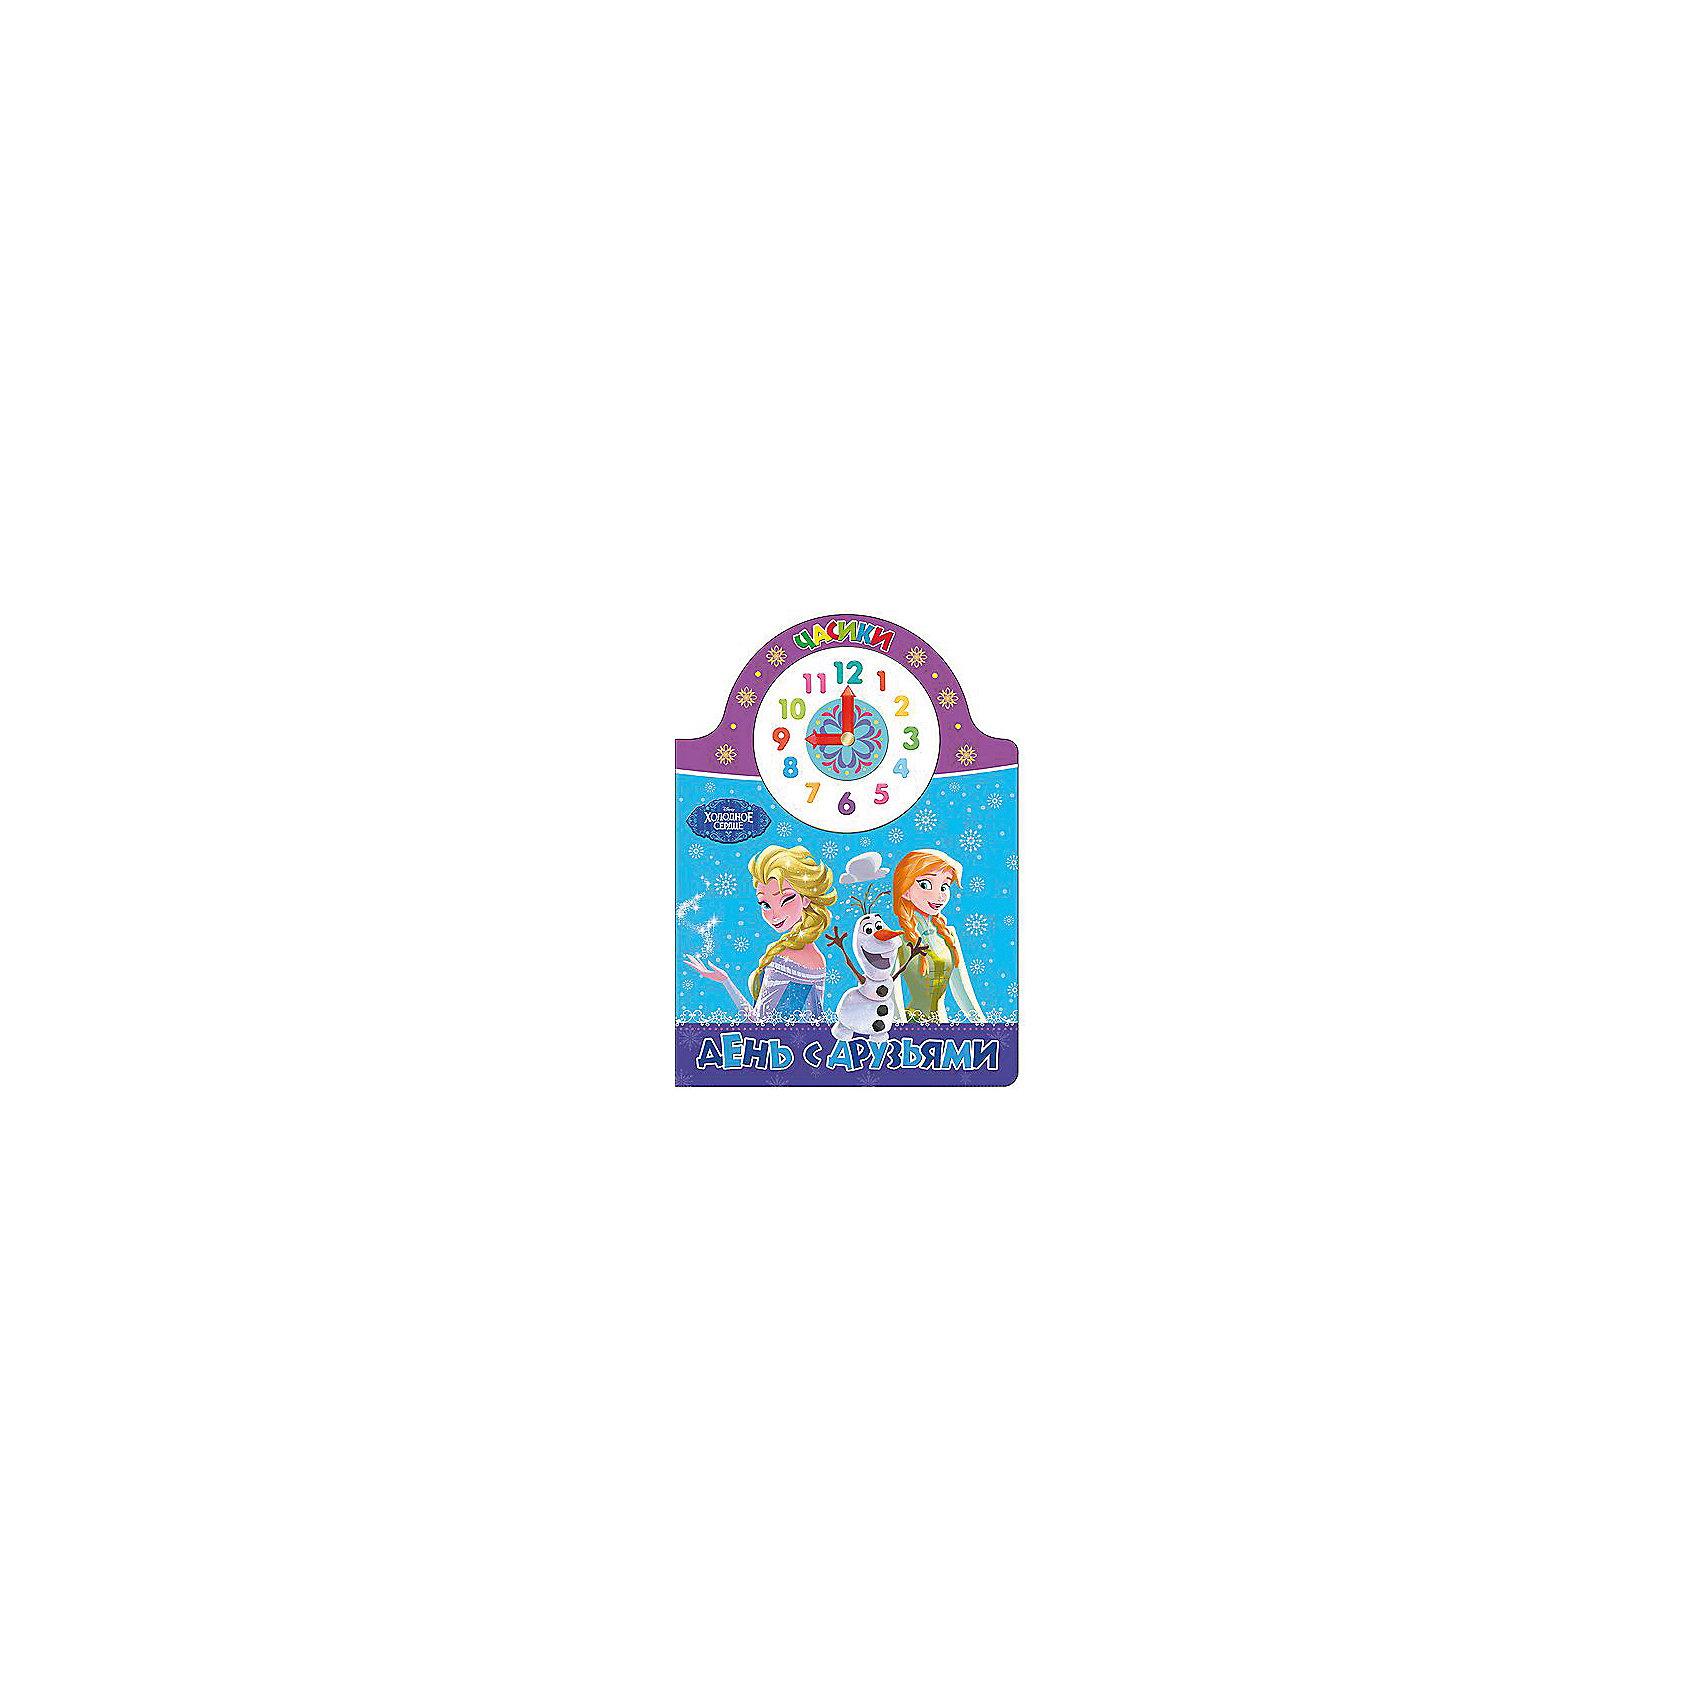 Часики. День с друзьями, DisneyДень с друзьями - познавательная книга из серии Часики для малышей. С помощью нее ребенок научится узнавать точное время по часам, узнает для чего нужны большая и маленькая стрелка. Специально для любознательных крох в книге есть яркий циферблат с двигающимися стрелочками. Такая интересная книжка обязательно понравится малышу и родителям!<br>Дополнительная информация:<br>Издательство: Проф-Пресс<br>Год выпуска: 2016<br>Серия: DISNEY.Часики<br>Обложка: картон<br>Иллюстрации: цветные<br>Количество страниц: 10<br>ISBN:978-5-378-25744-7<br>Размер: 21,5х0,6х15,7 см<br>Вес: 104 грамма<br>Книгу День с друзьями вы можете купить в нашем интернет-магазине.<br><br>Ширина мм: 157<br>Глубина мм: 6<br>Высота мм: 215<br>Вес г: 104<br>Возраст от месяцев: 0<br>Возраст до месяцев: 36<br>Пол: Унисекс<br>Возраст: Детский<br>SKU: 4905886